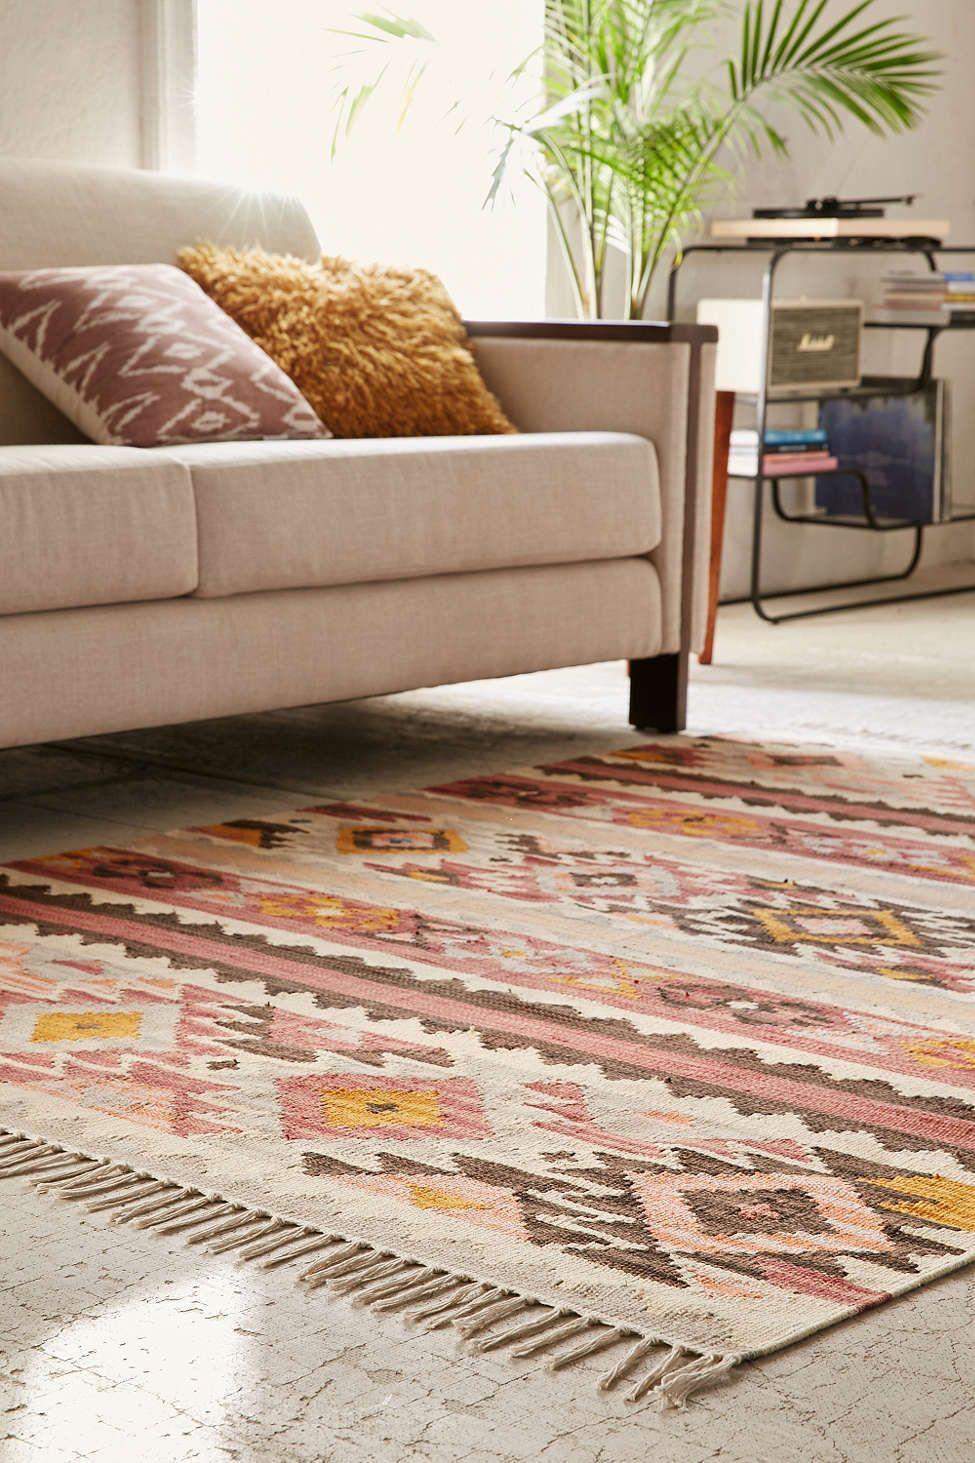 13 Wohnzimmer teppich trends 2020